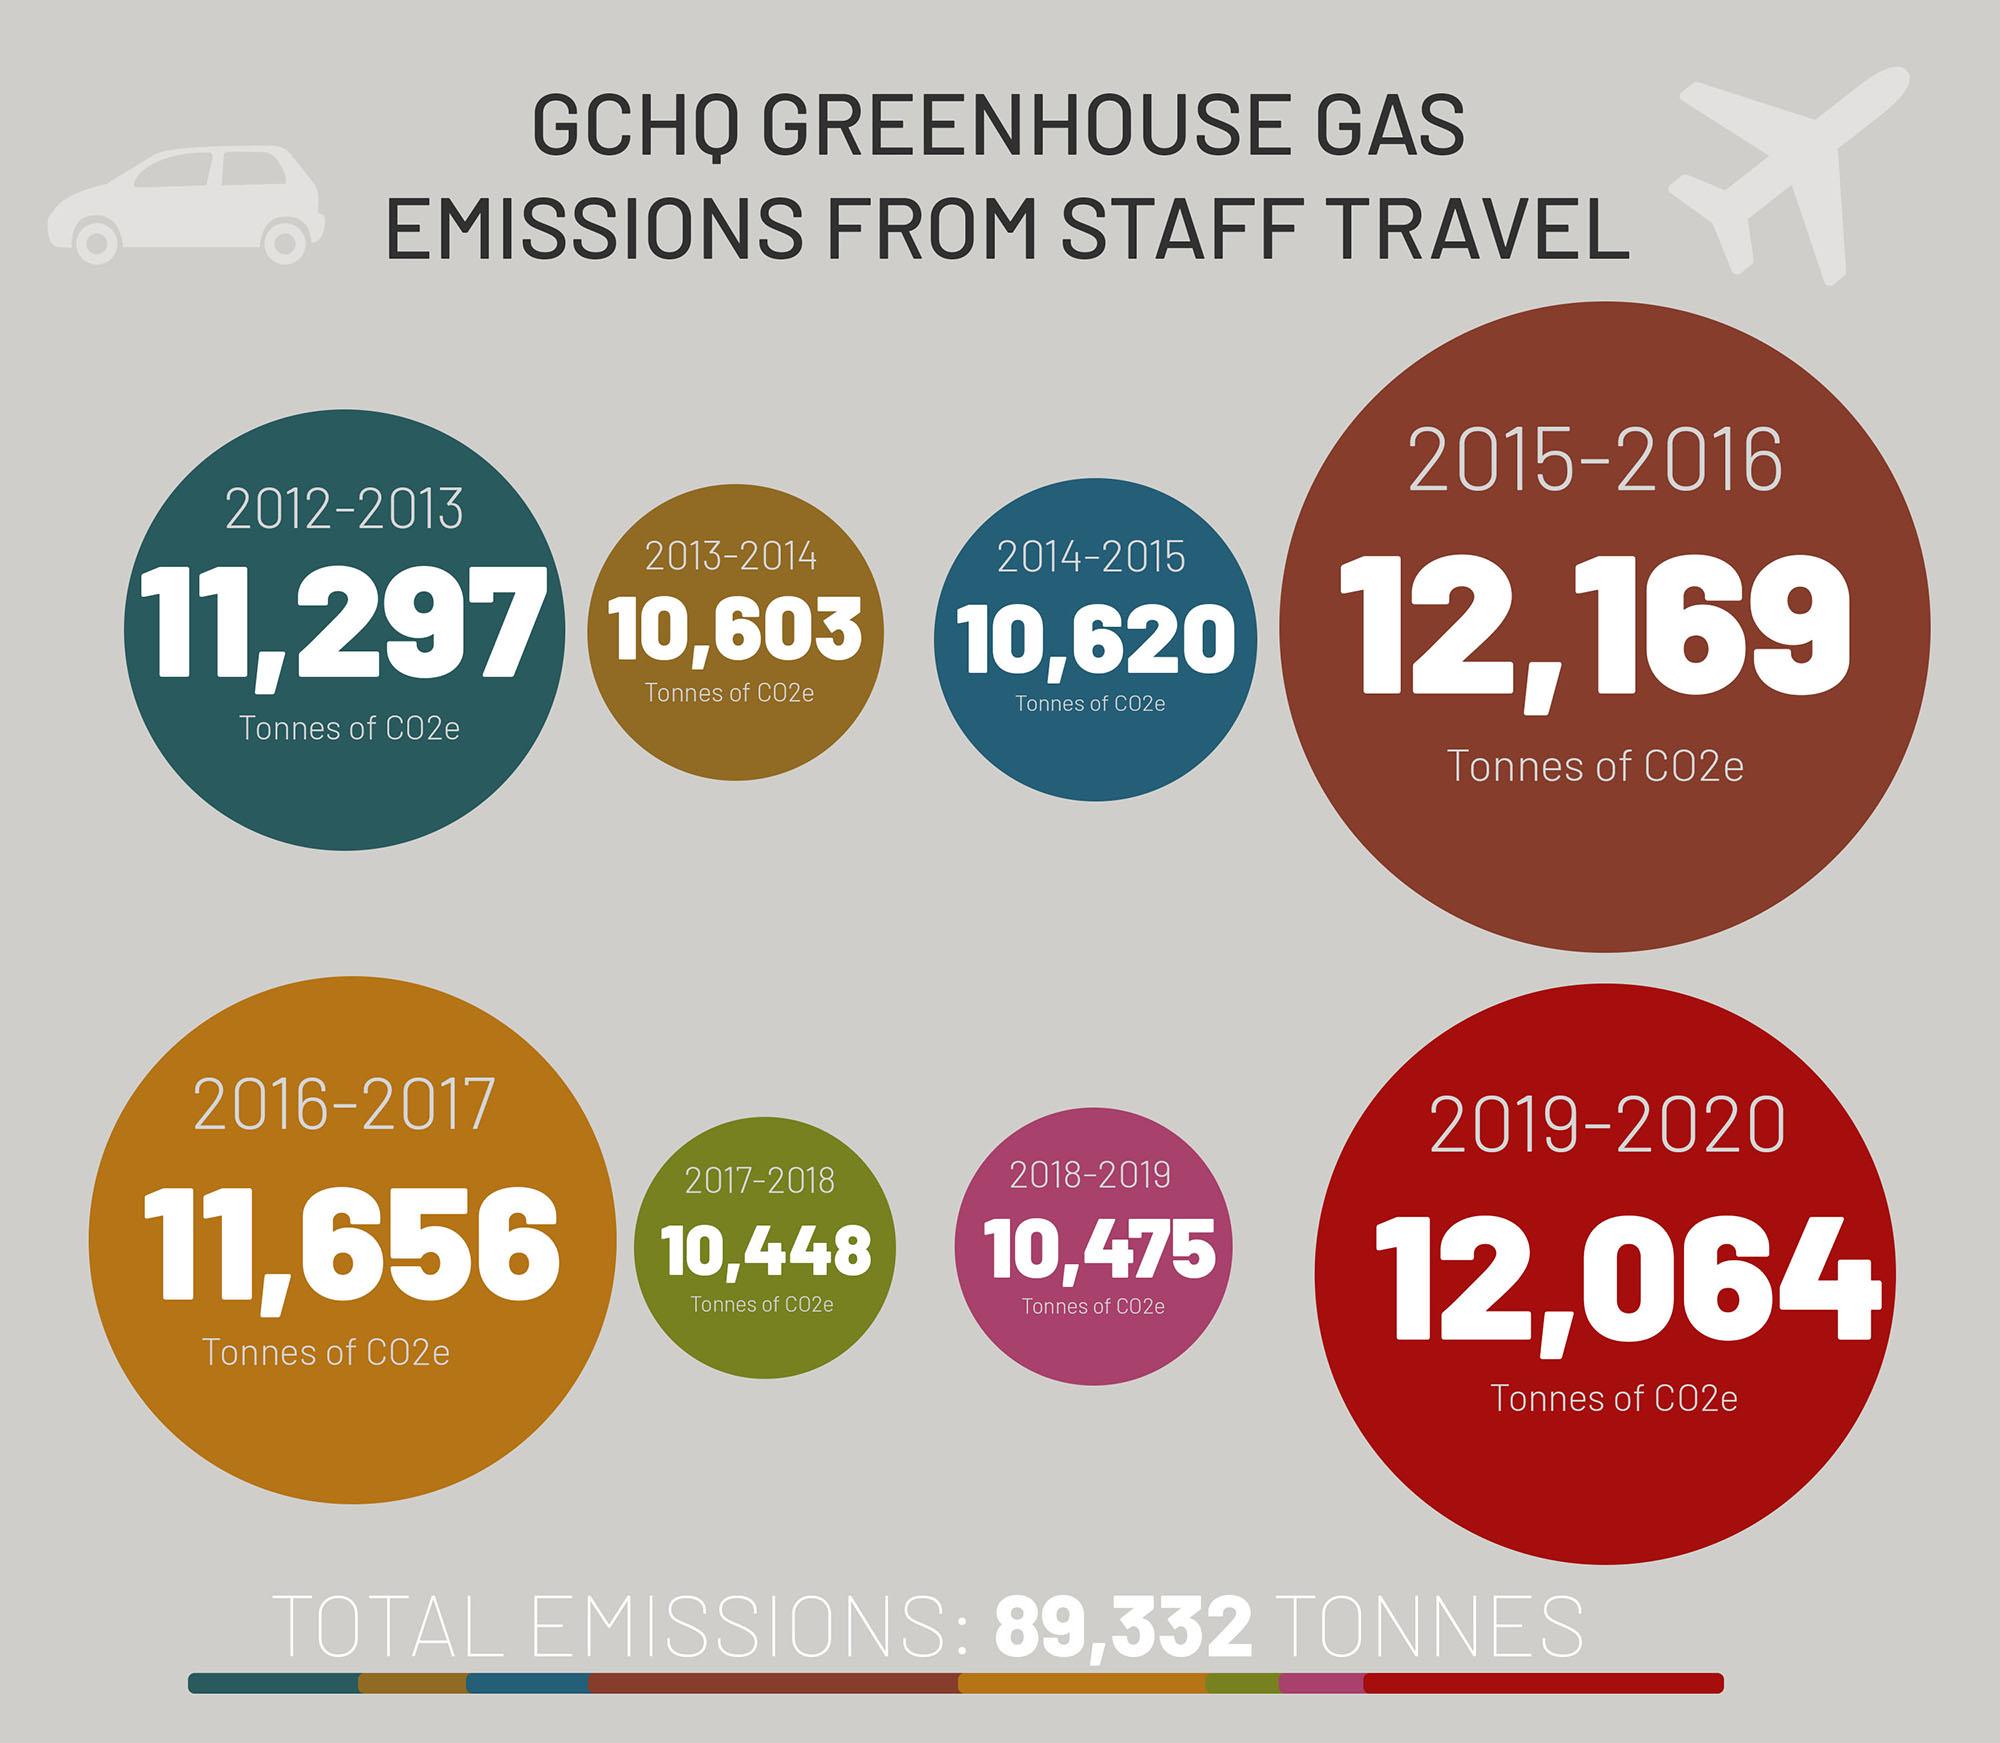 greenhous gas emissions